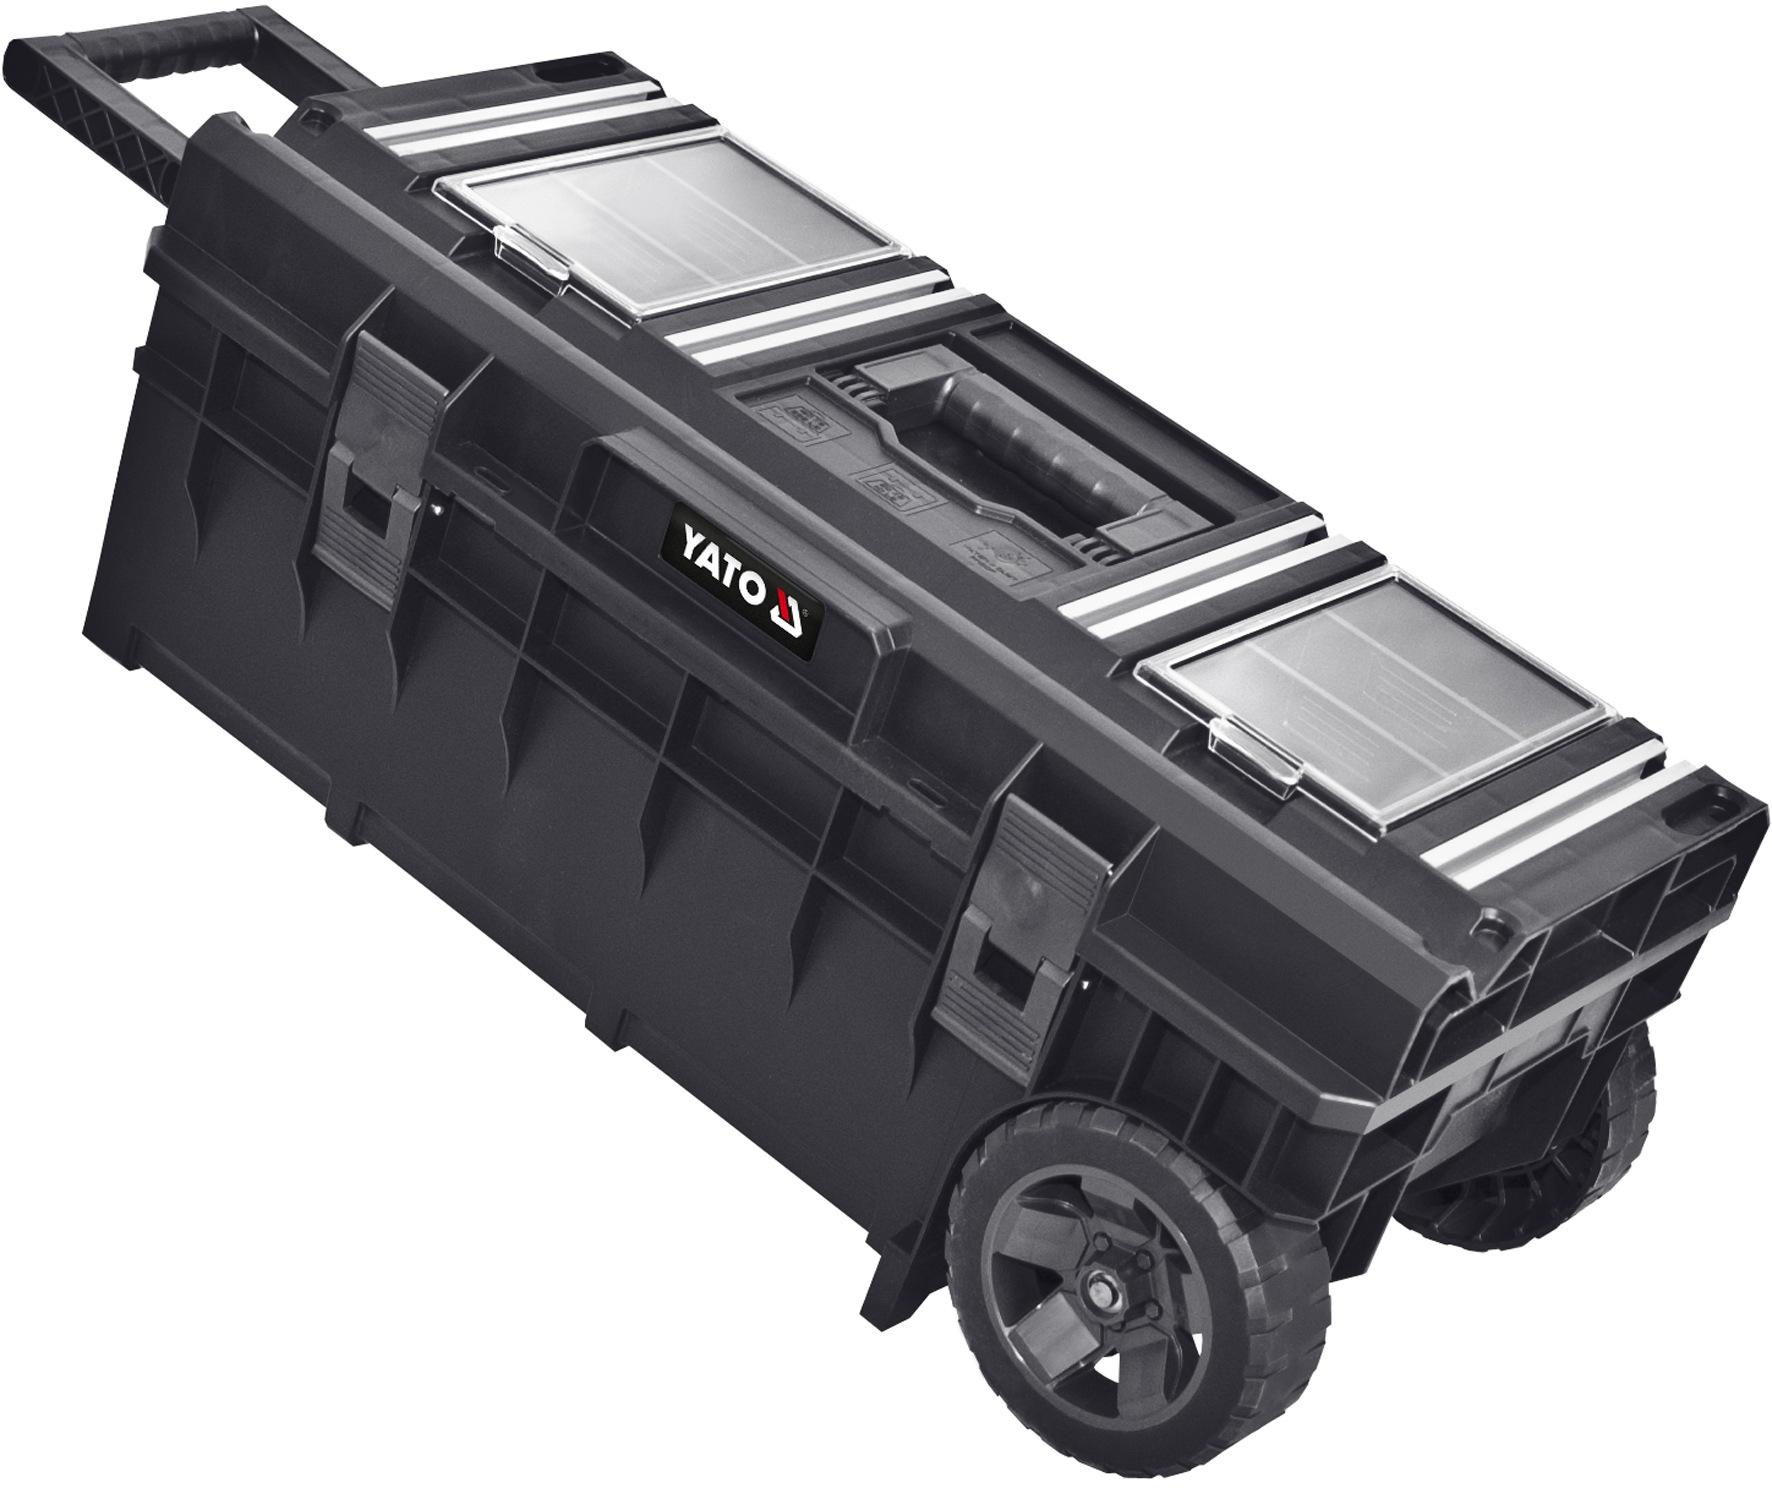 Vozík na nářadí pojízdný plastový, 793x385x322mm